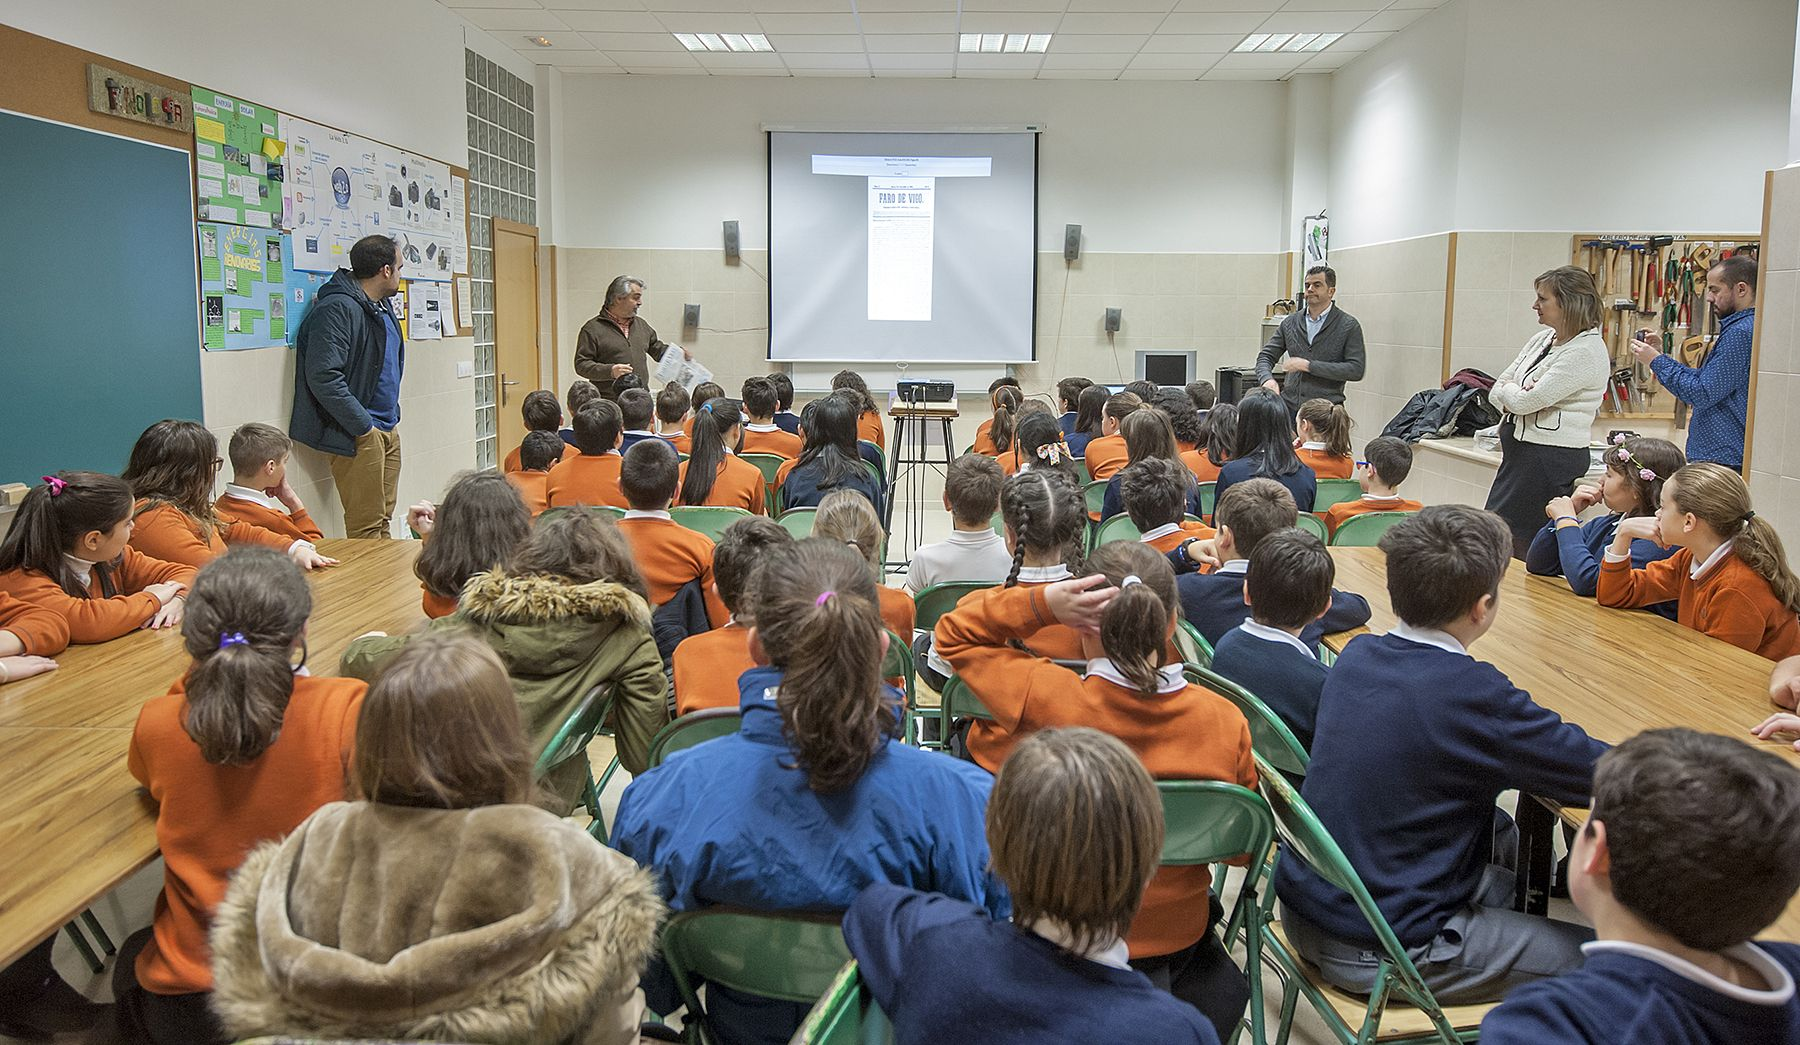 Visita a Faro de Vigo del CPR Plurilingüe Mariano el curso 2015-16